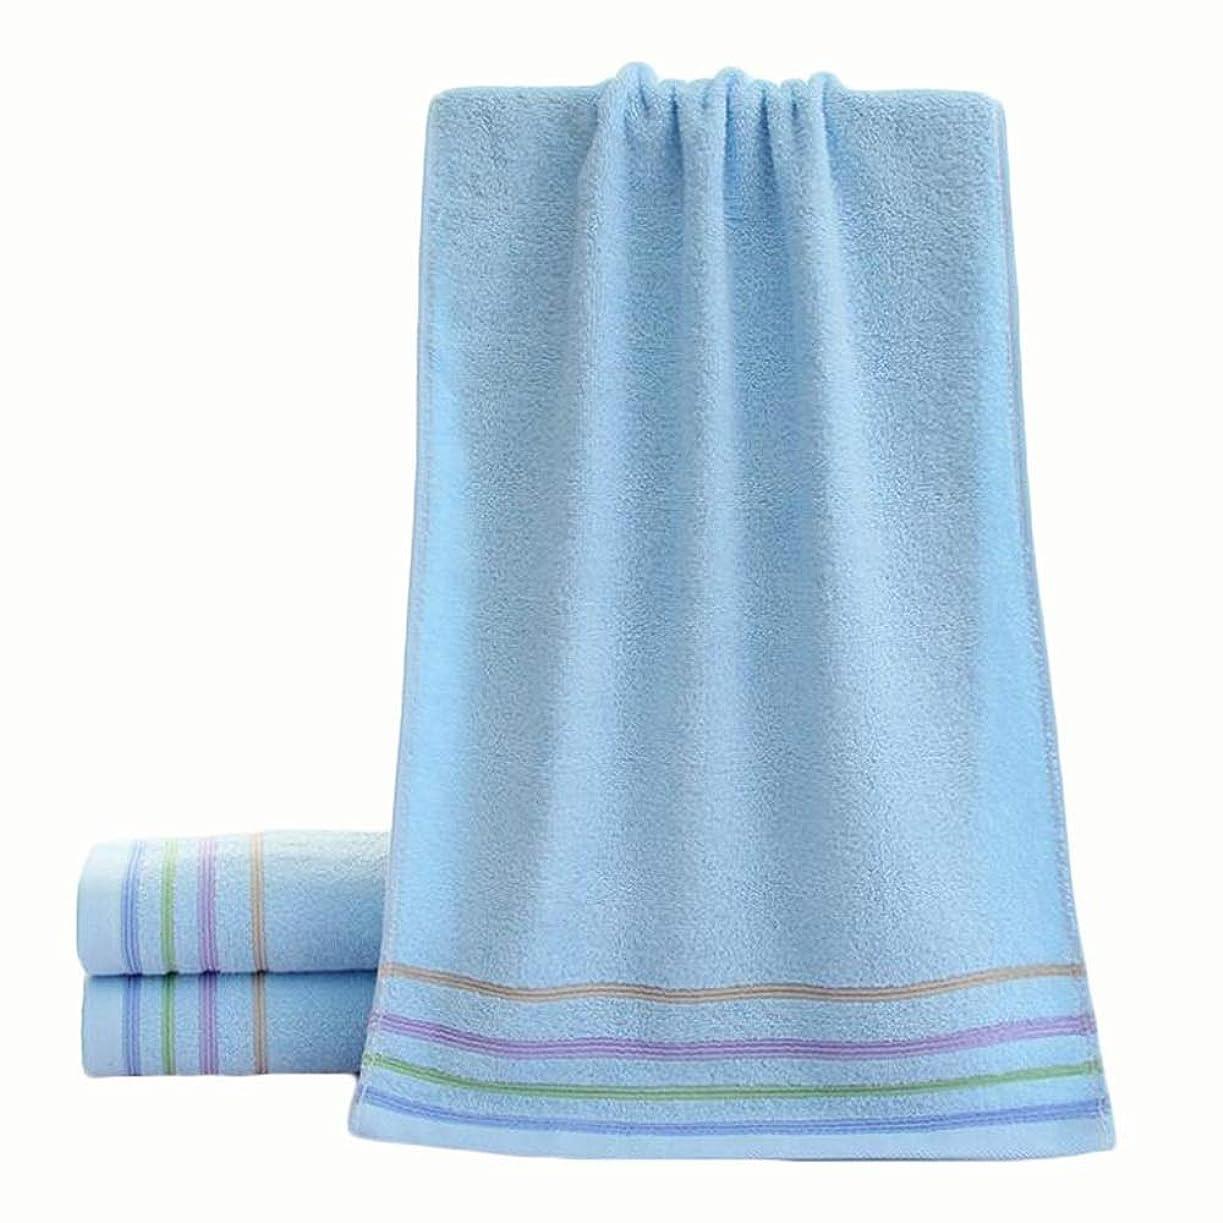 事役職一回CXUNKK 2PCS / LOT家庭用綿肥厚吸収性バスタオルジャカードウォッシュタオル (Color : Blue)